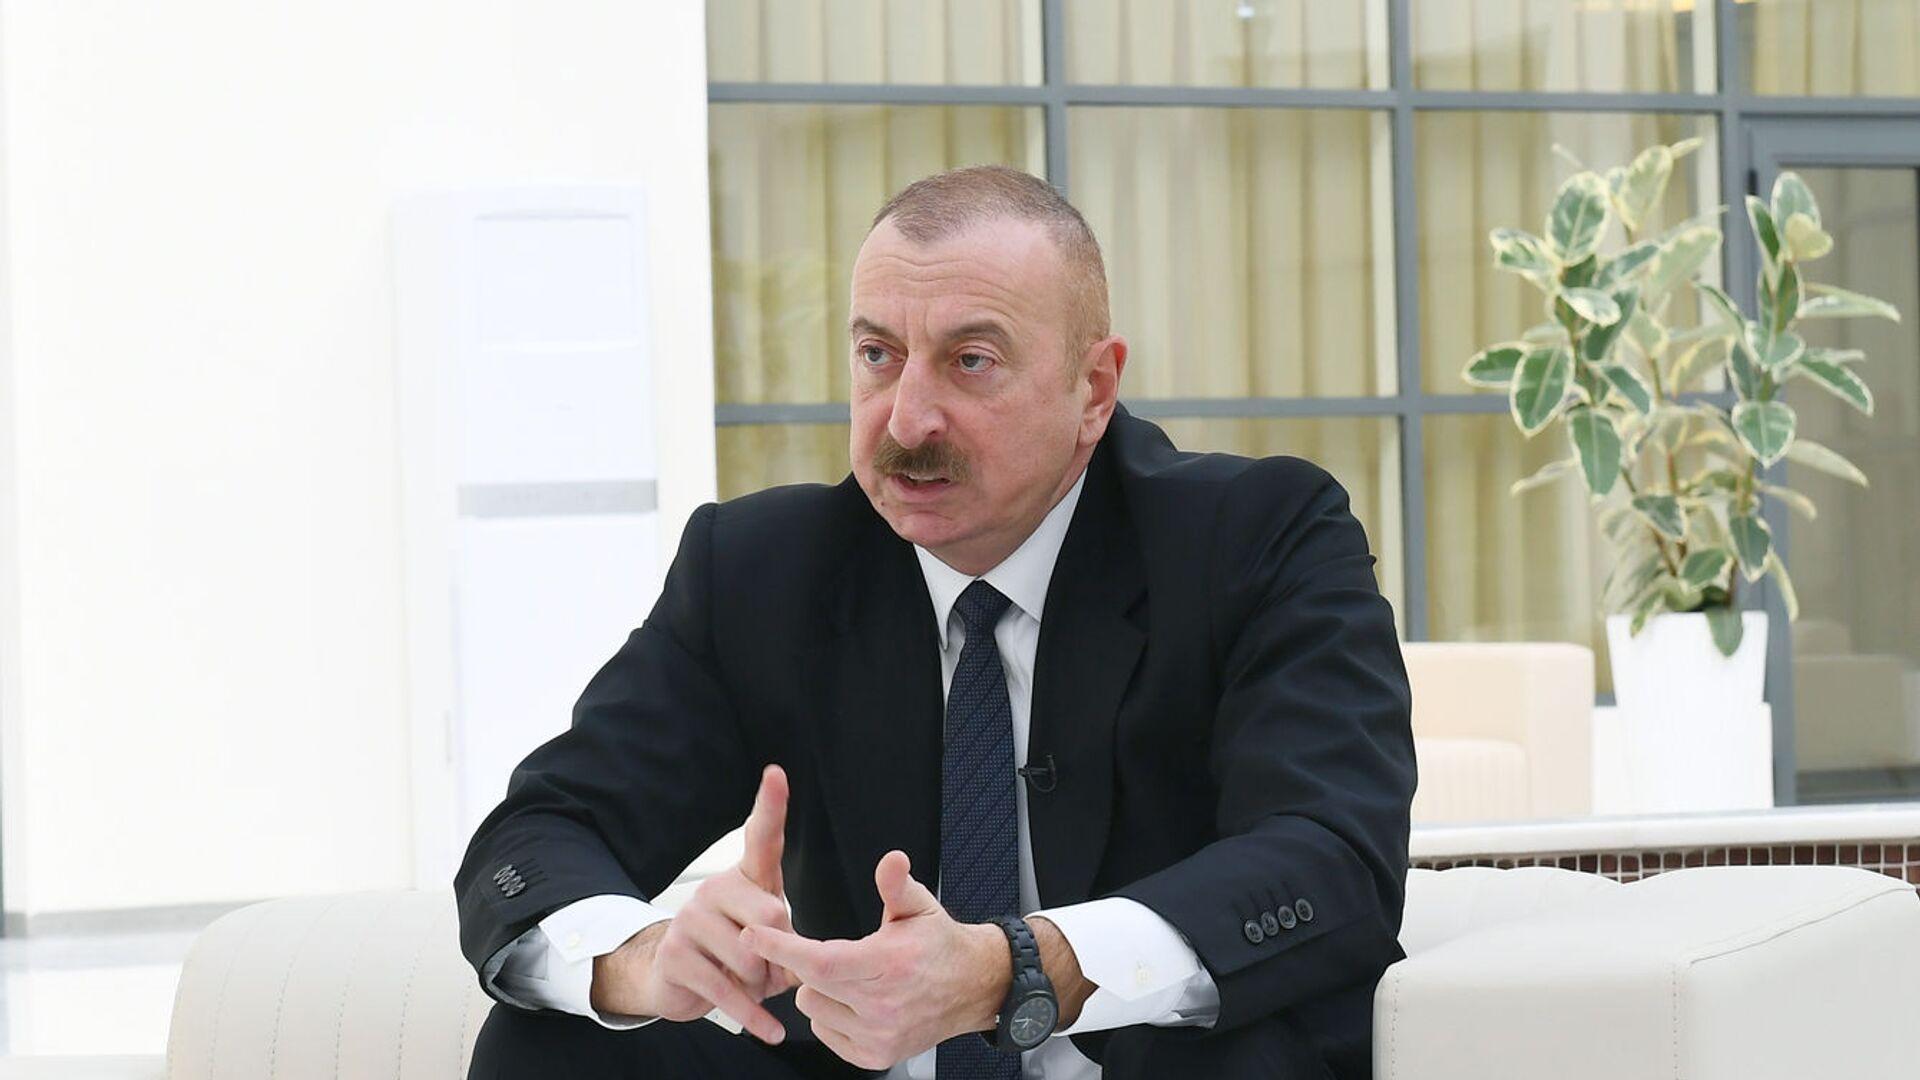 Президент Ильхам Алиев, фото из архива - Sputnik Azərbaycan, 1920, 13.10.2021